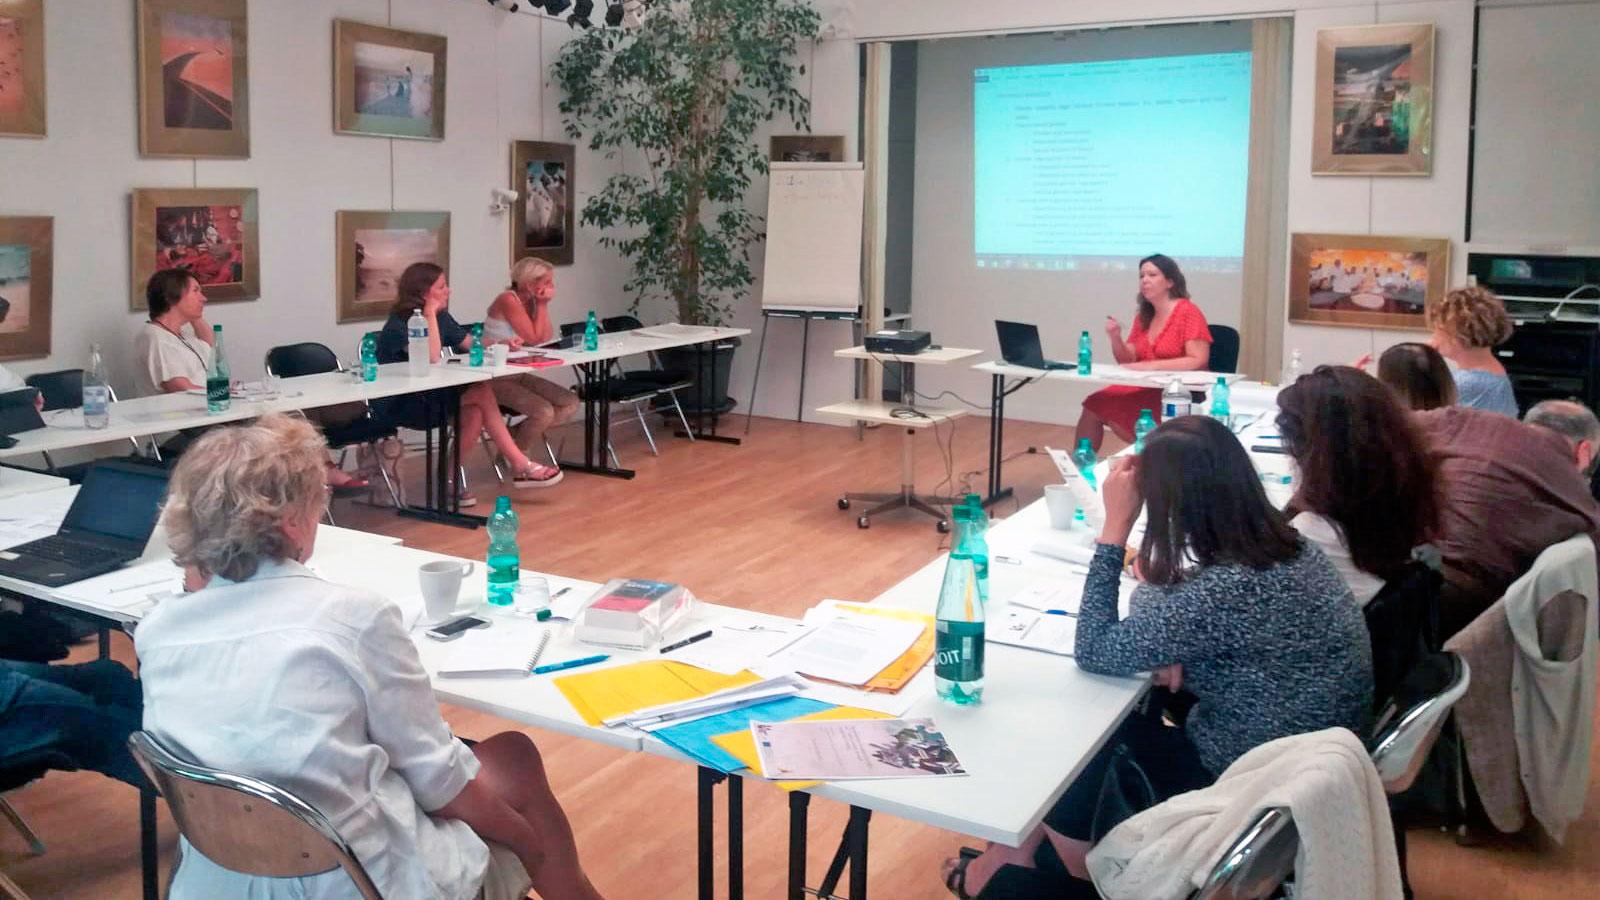 Reunión parisina de Women can Build: claves y resultados del proyecto